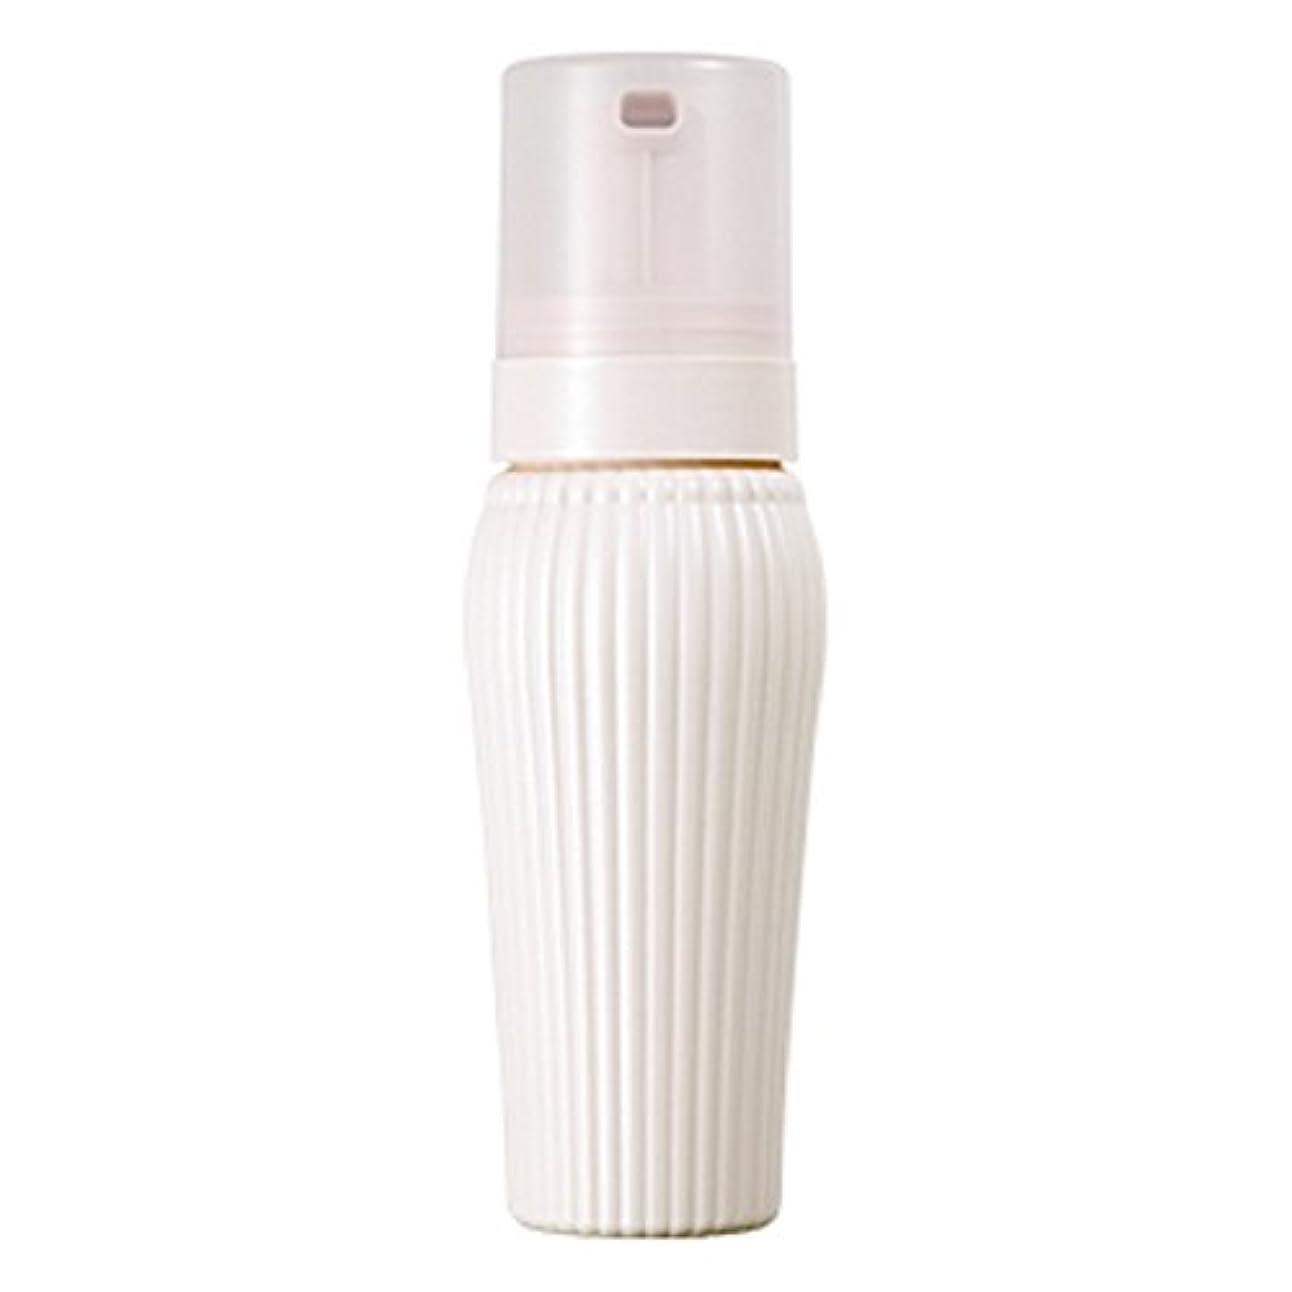 多様な珍しい指令アユーラ (AYURA) fサインディフェンス ムースクレンズ b (医薬部外品) 150mL 〈敏感肌用 洗顔料〉 ムース状 薬用洗顔